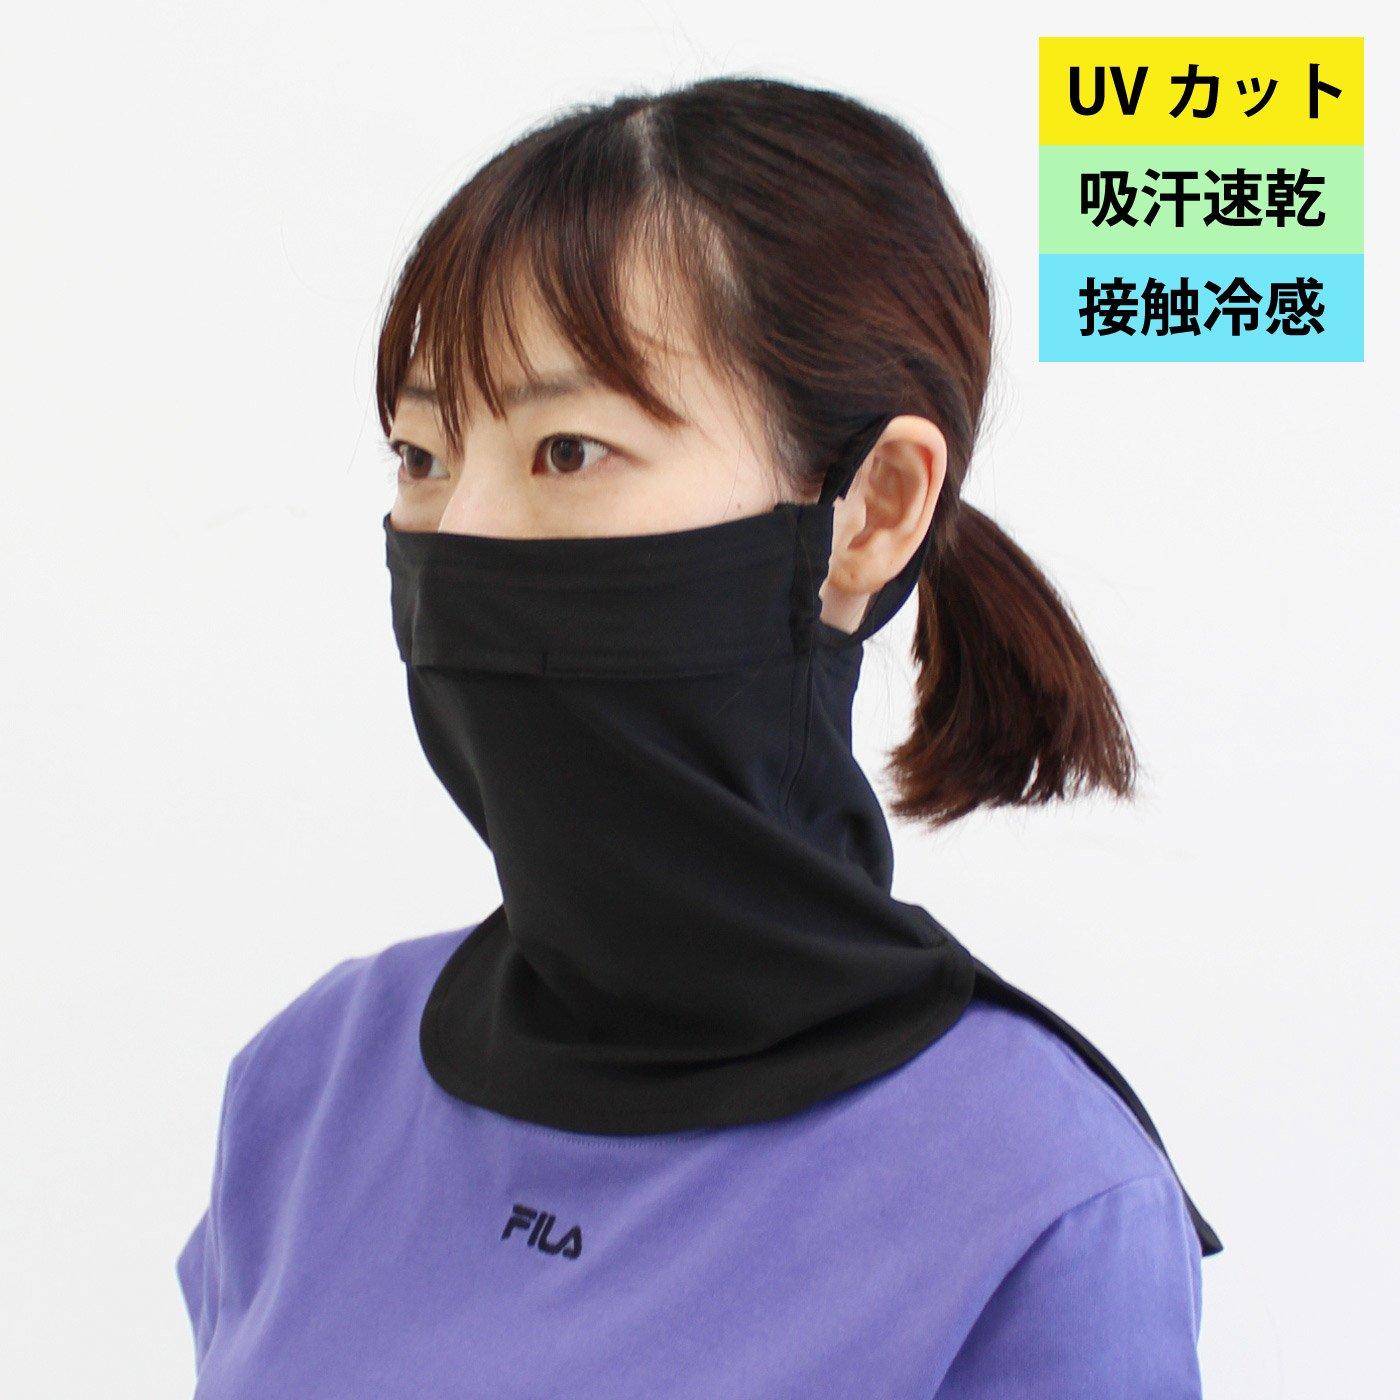 【WEB限定】IEDIT[イディット] UVケア&接触冷感&吸汗速乾で首の後ろの日よけにもなる 夏の外出やウォーキング&ジョギングのときにも便利な呼吸のしやすい耳掛けフェイスカバーマスク